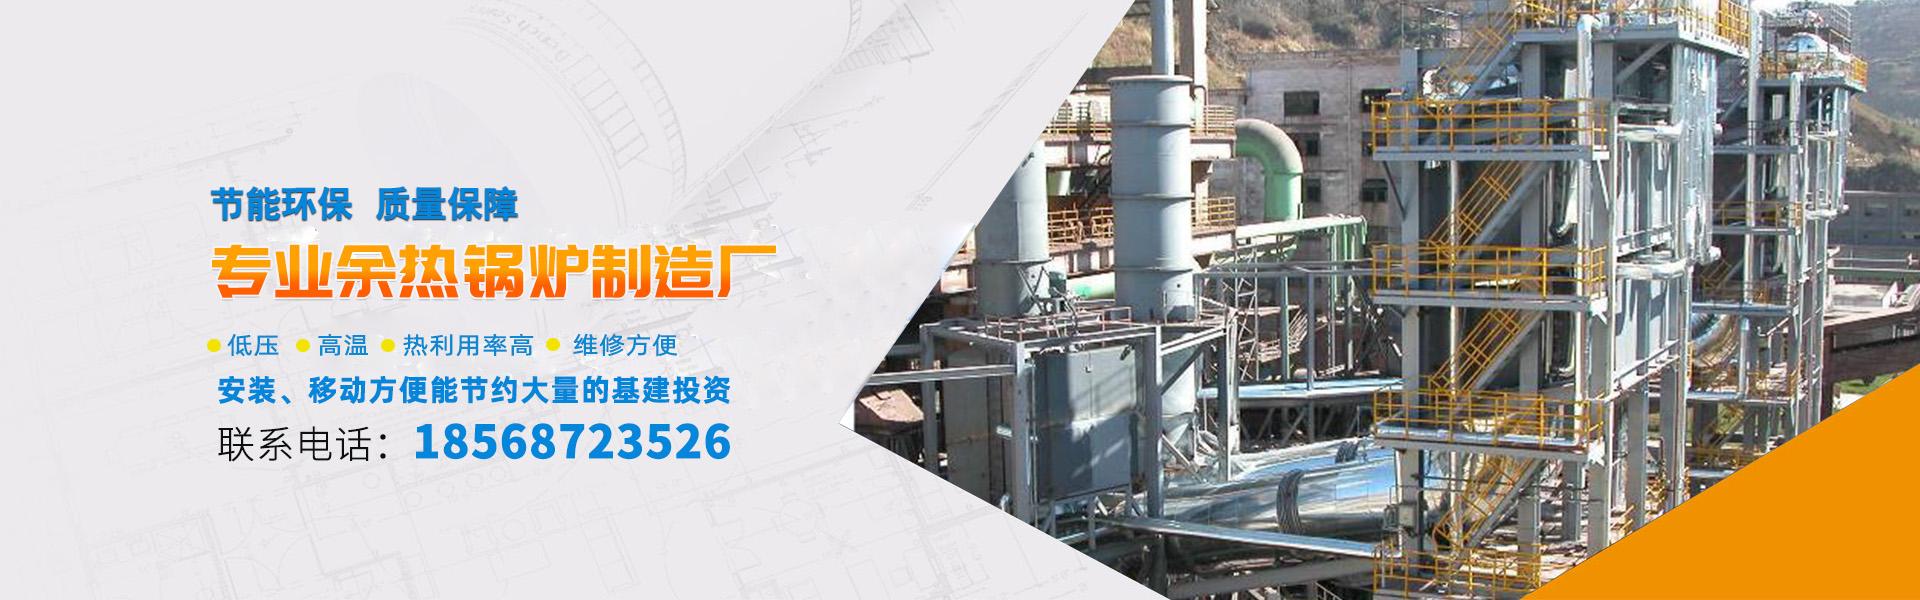 余热锅炉厂